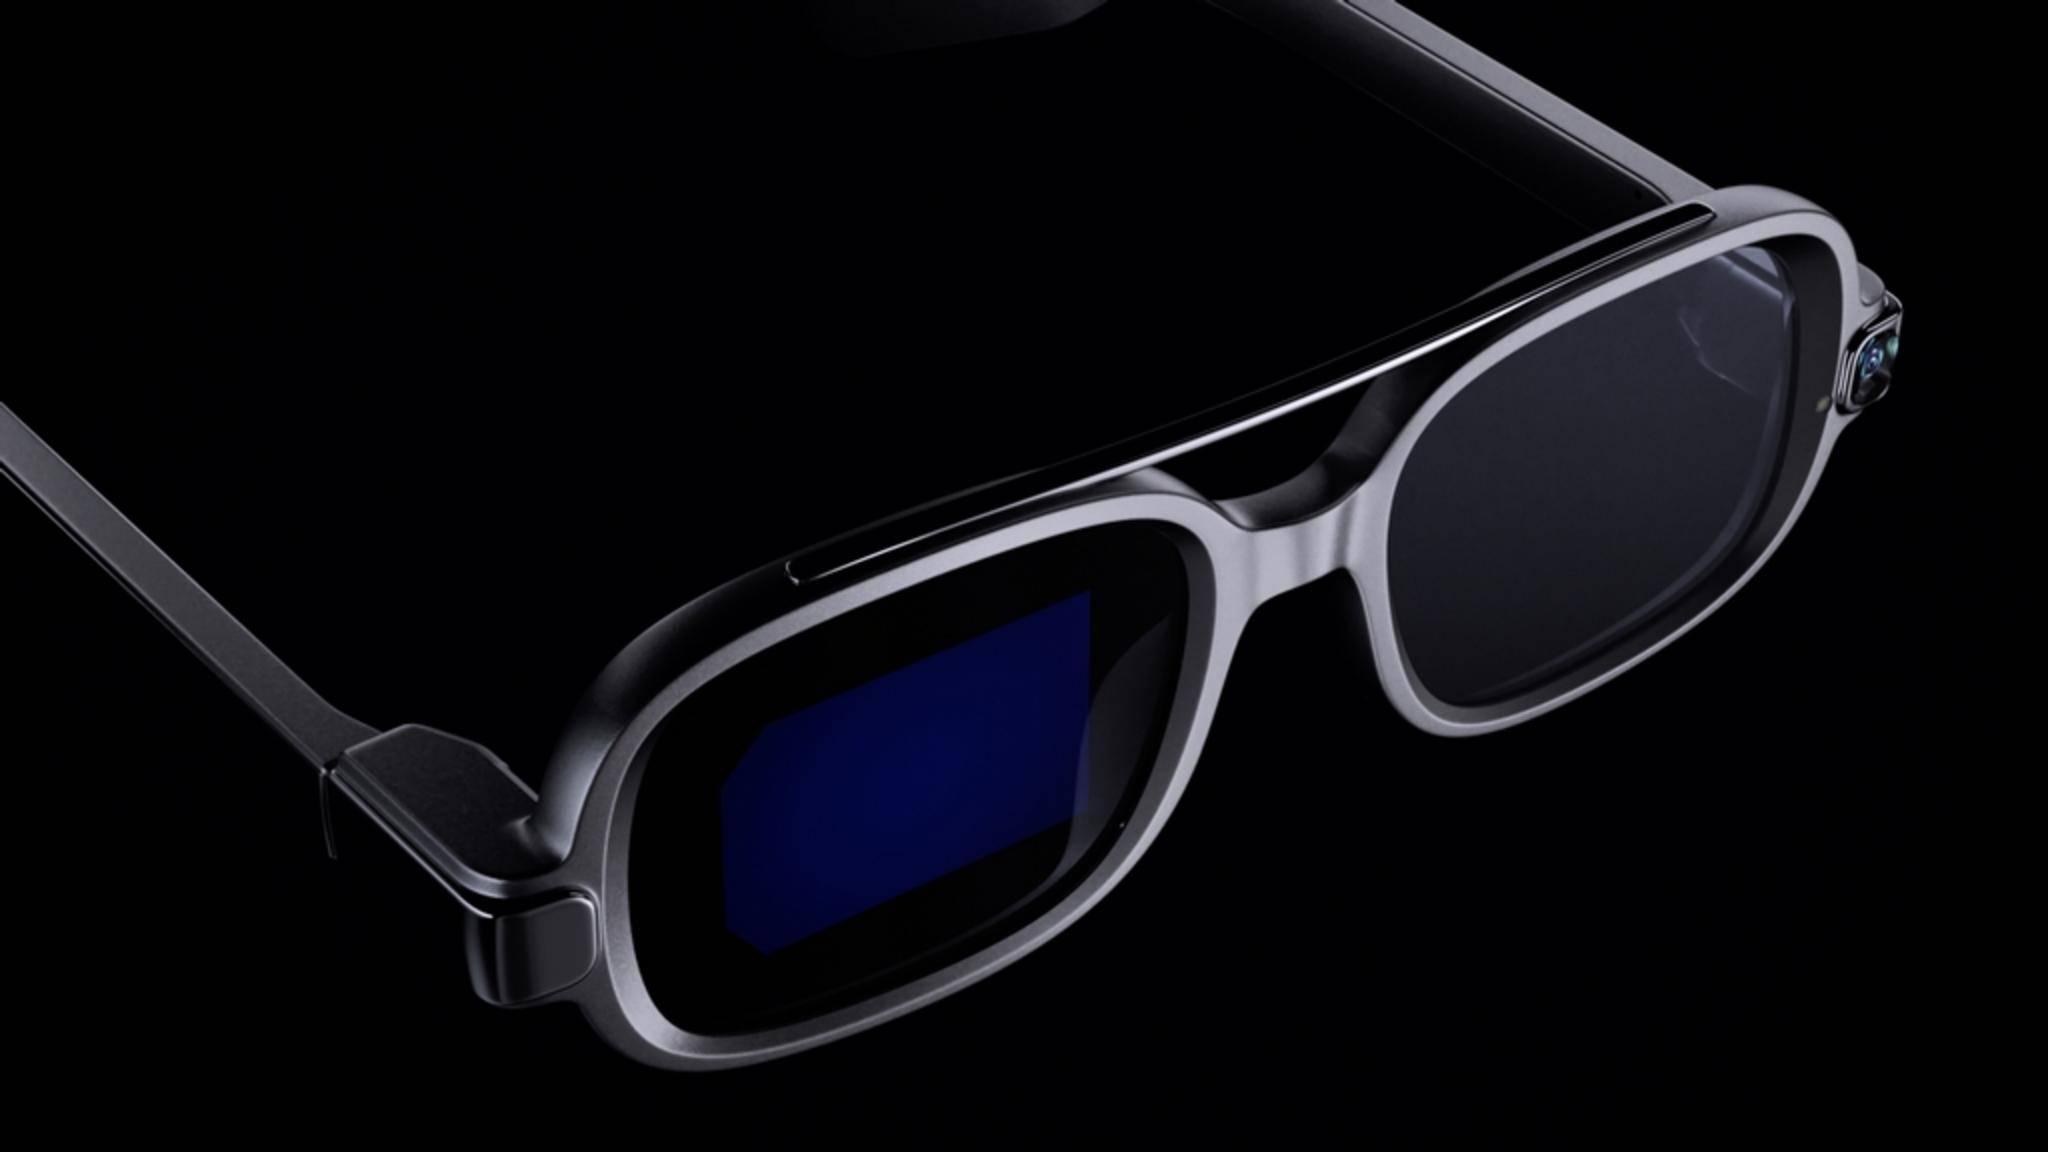 Die Xiaomi Smart Glasses sollen eine waschechte AR-Brille sein.